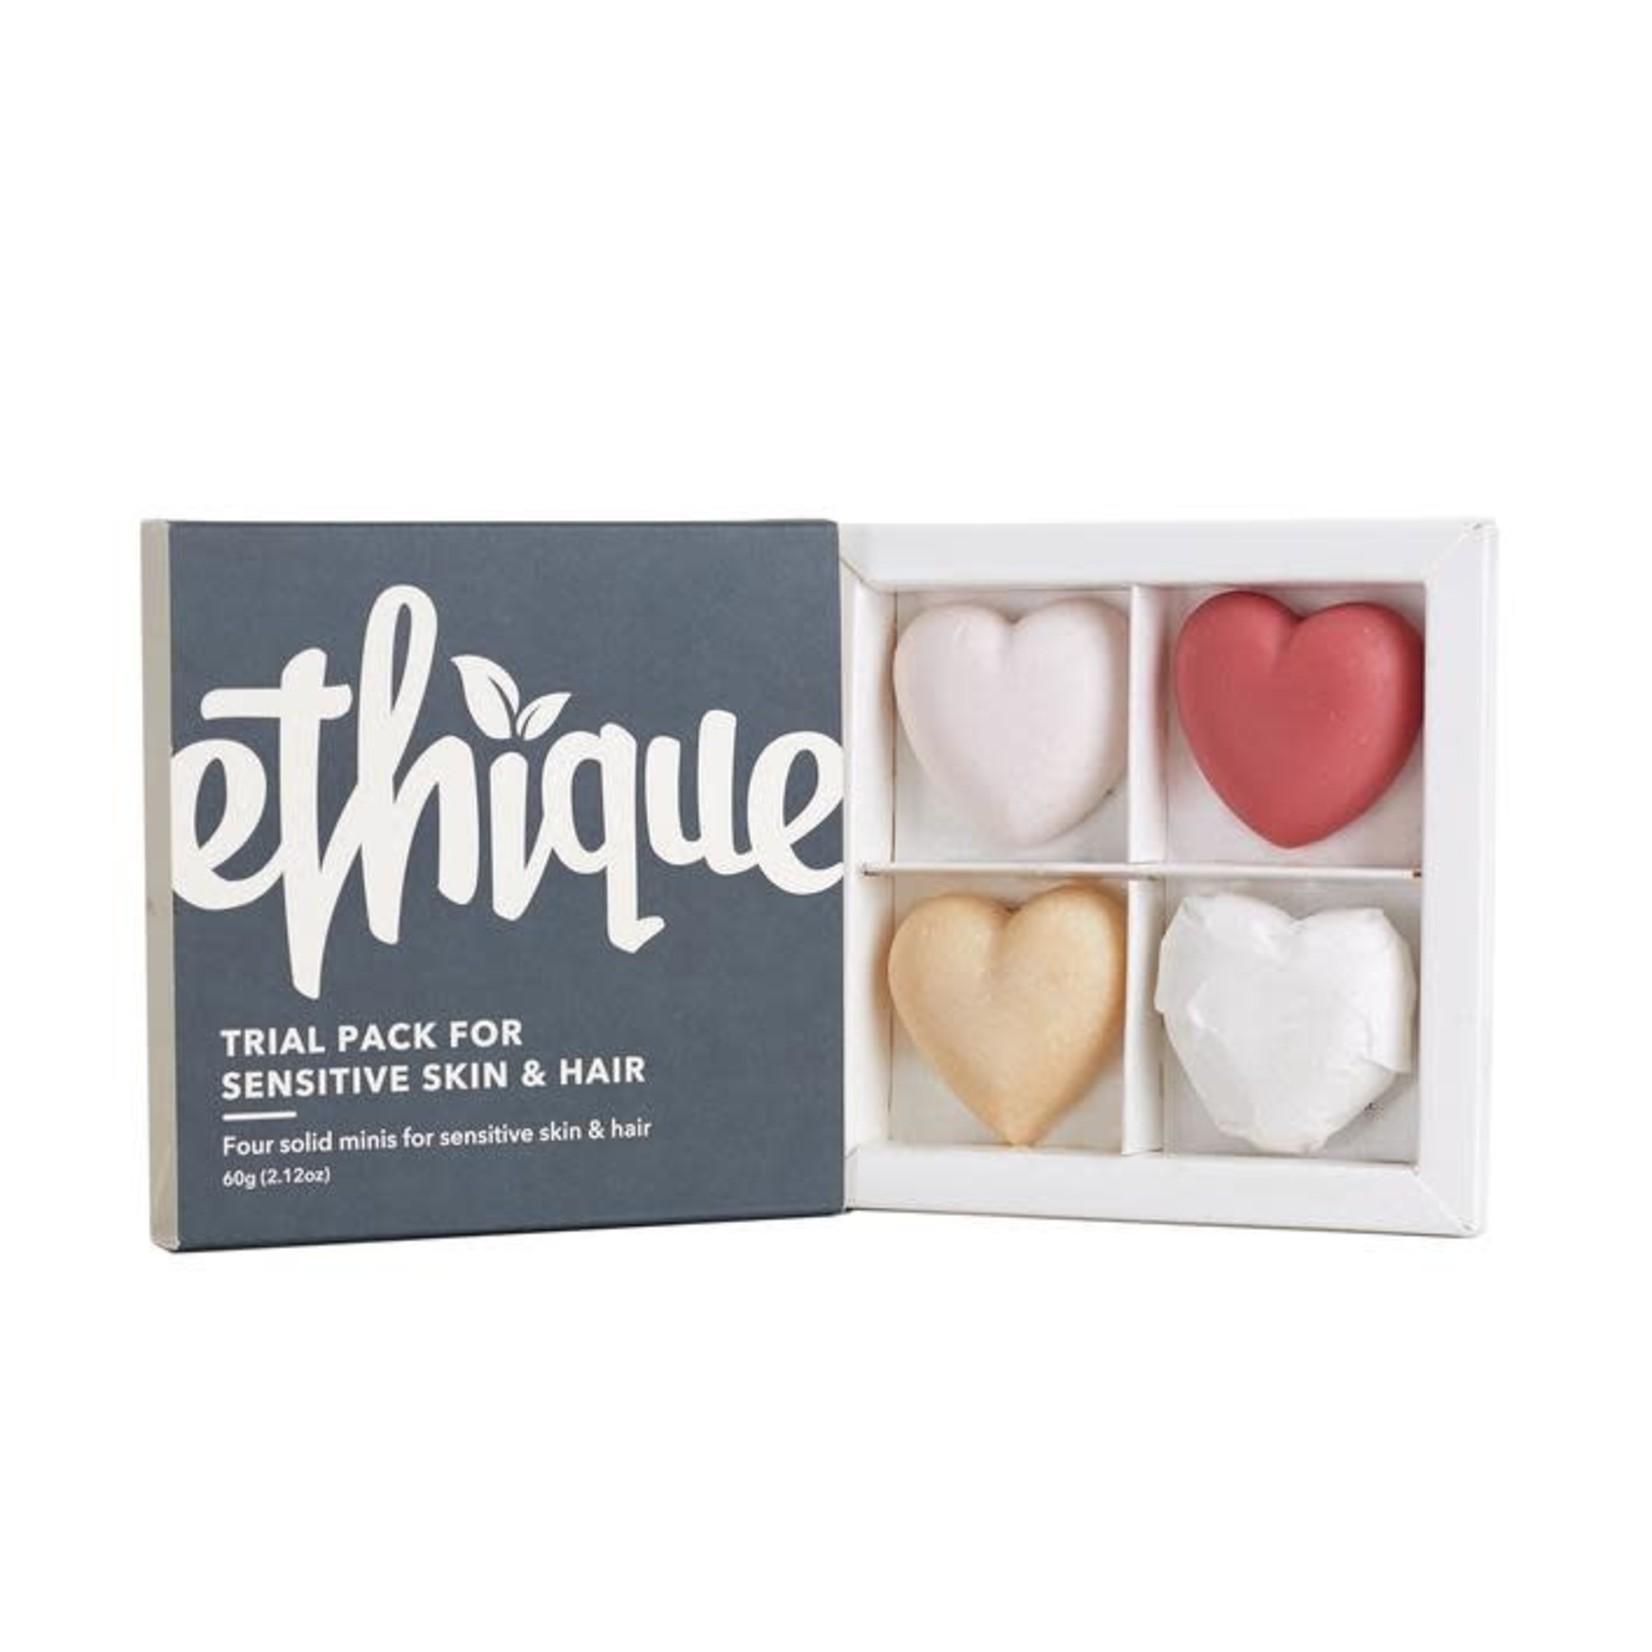 Ethique Ethique Trial Pack Sensitive Skin & Hair